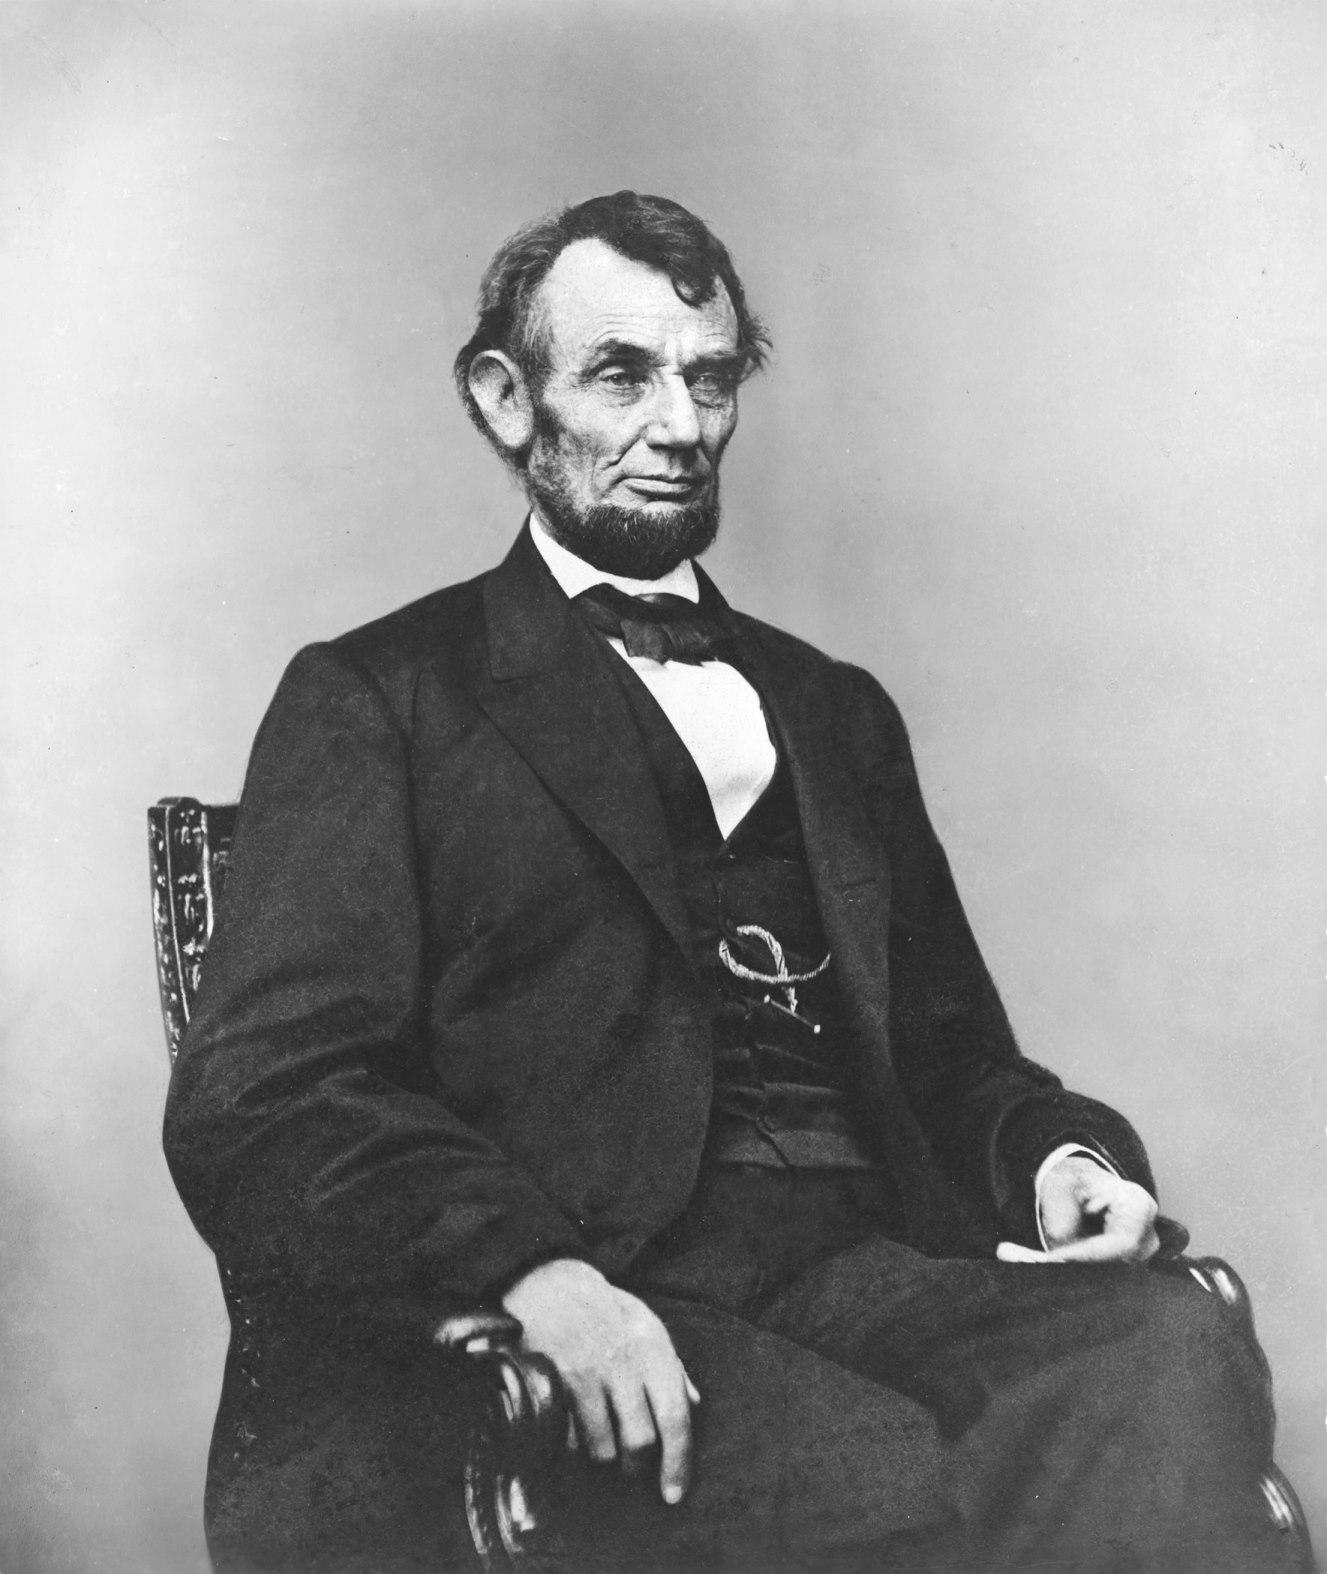 Un curioso falso storico: una lettera di Abraham Lincoln pubblicata sull' Illustrazione Italiana del 18 agosto 1940